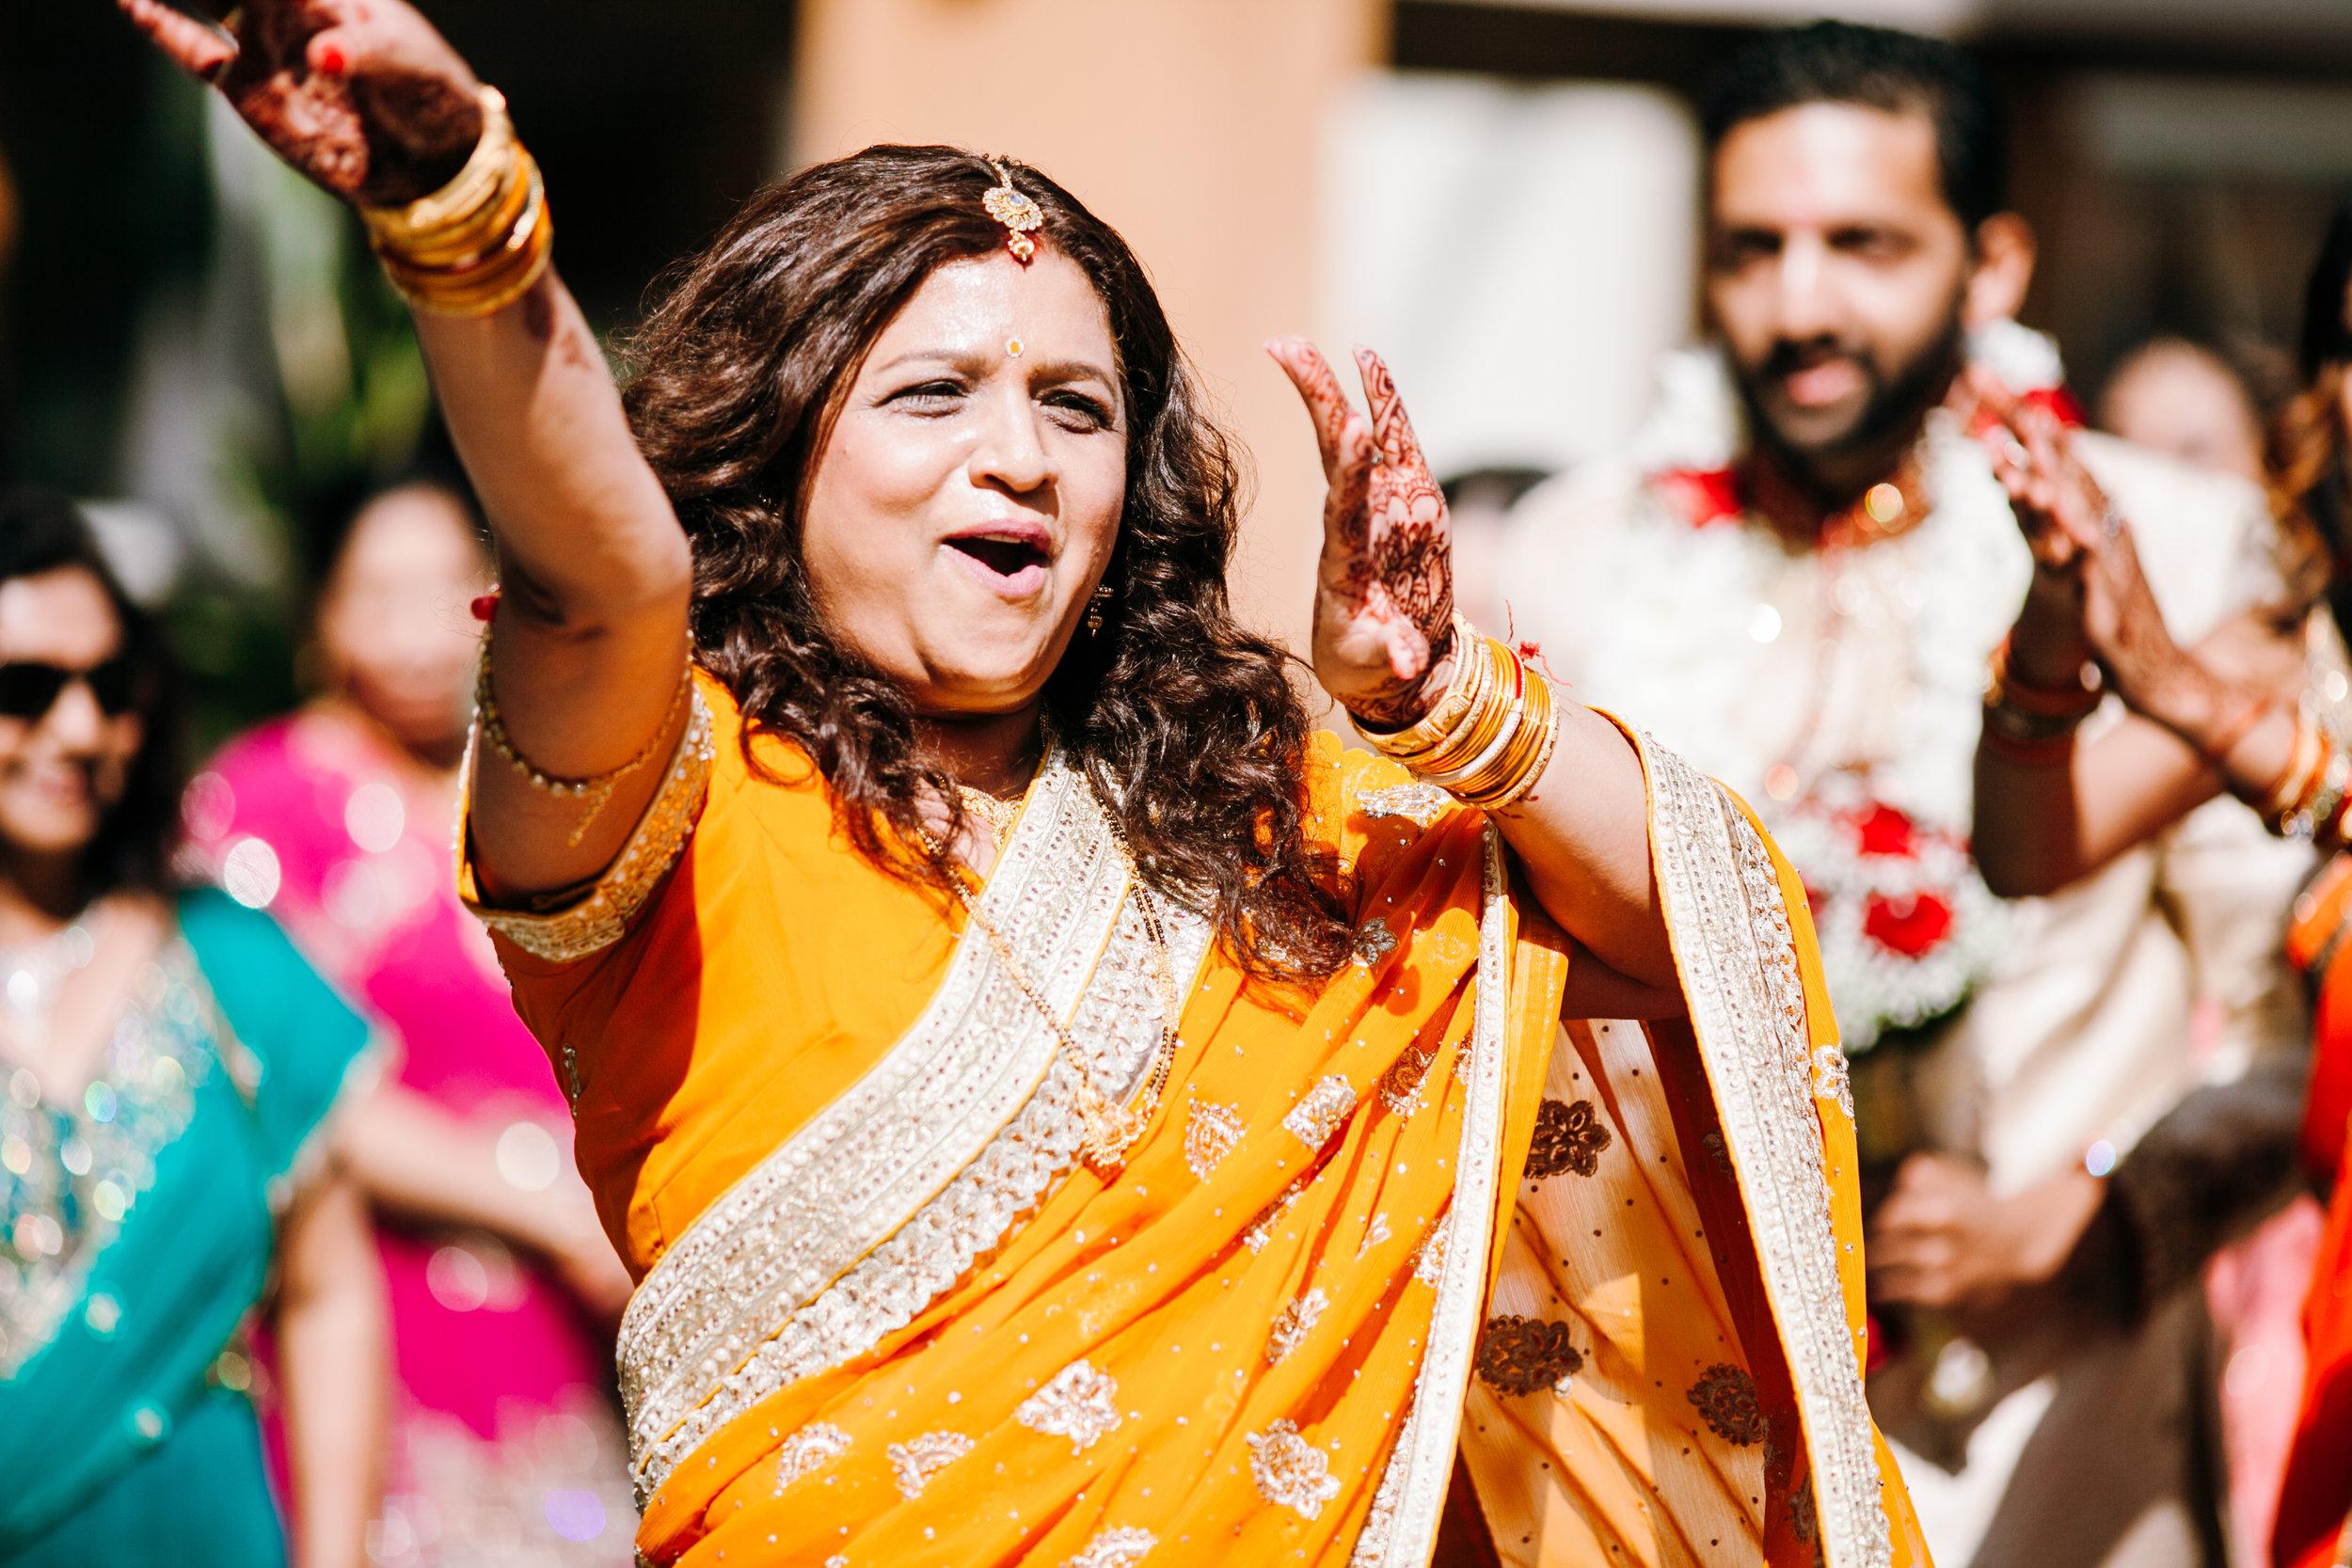 KaraNixonWeddings-OrangeCounty-IndianWedding-6.jpg